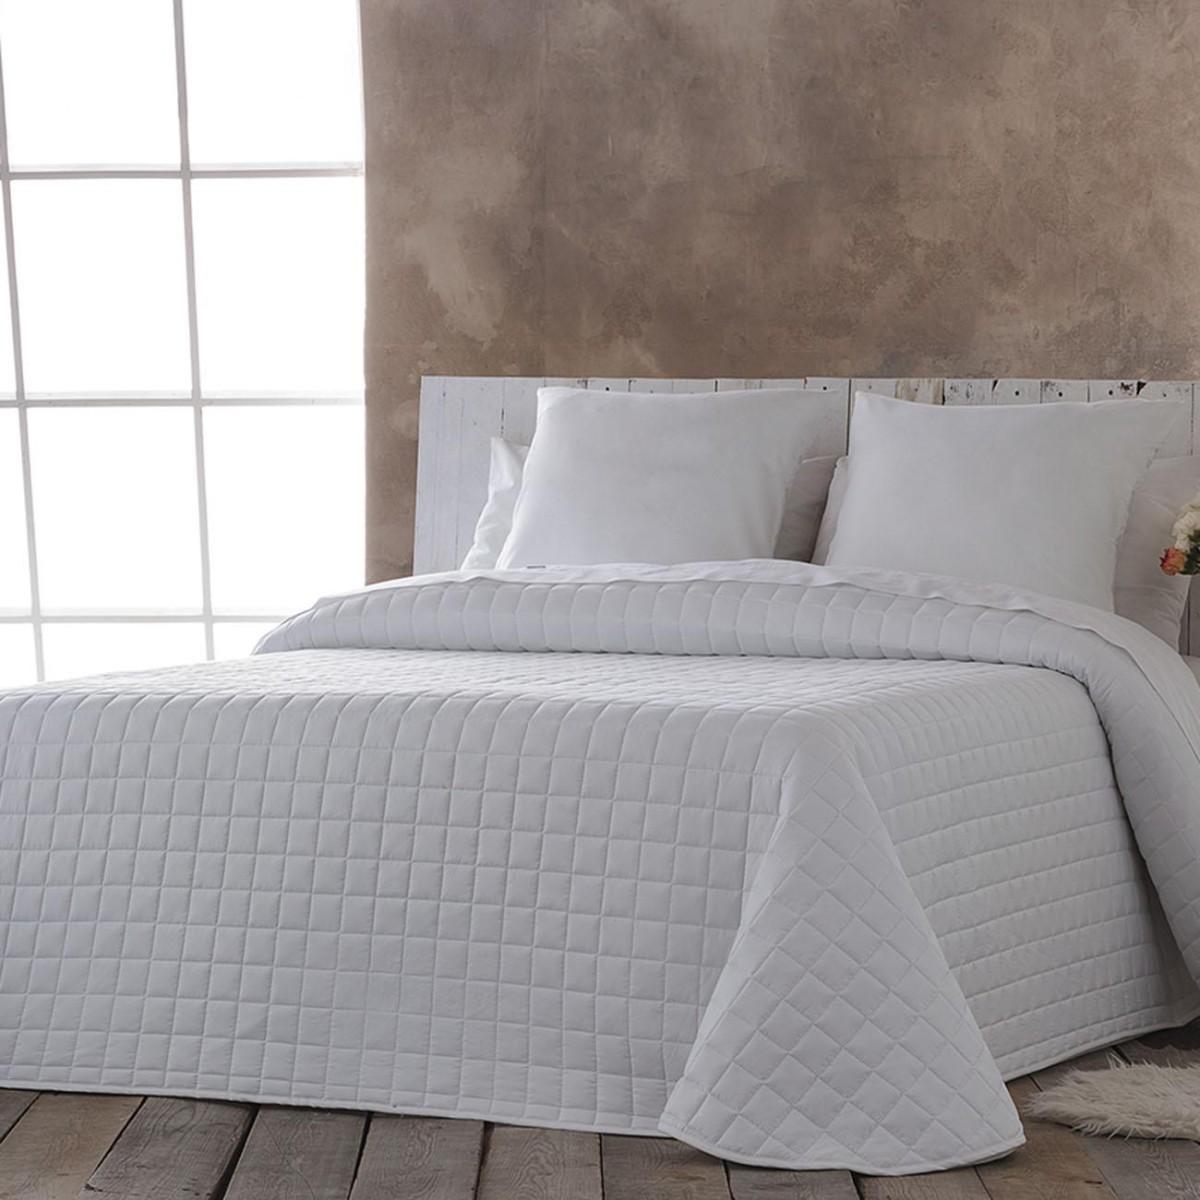 colcha bouti izan fundeco colcha bouti. Black Bedroom Furniture Sets. Home Design Ideas